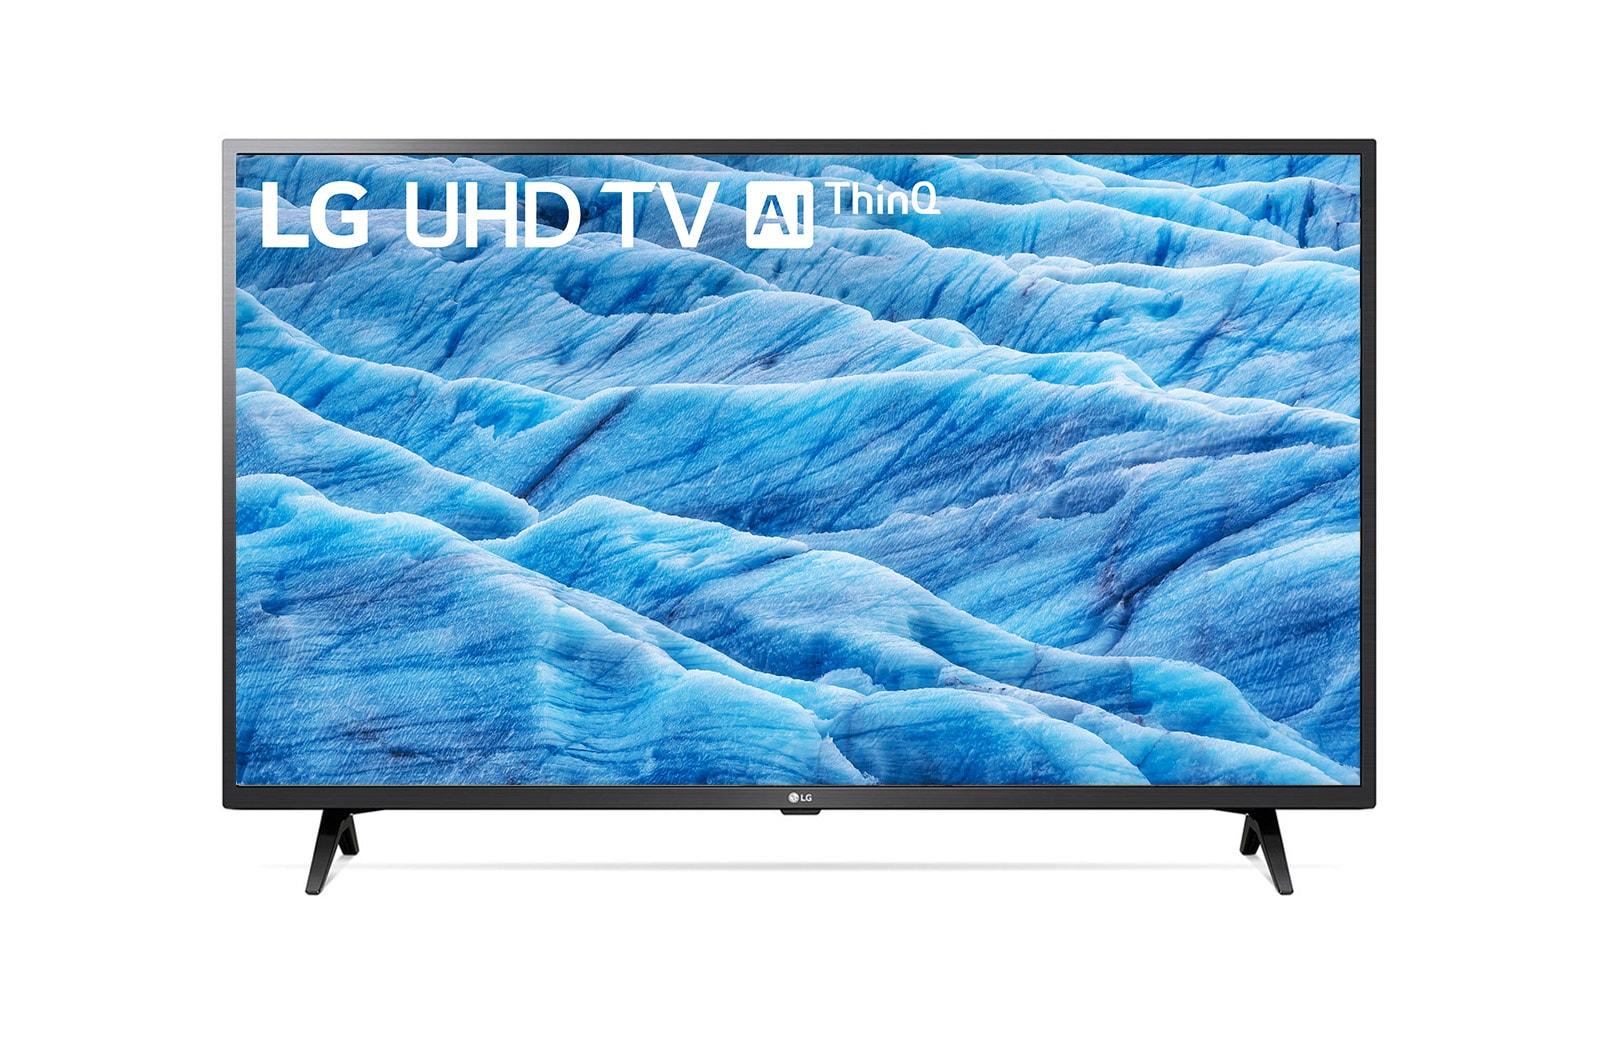 LG Tv 43UM7340PVA in Kenya 43 SMART 4K